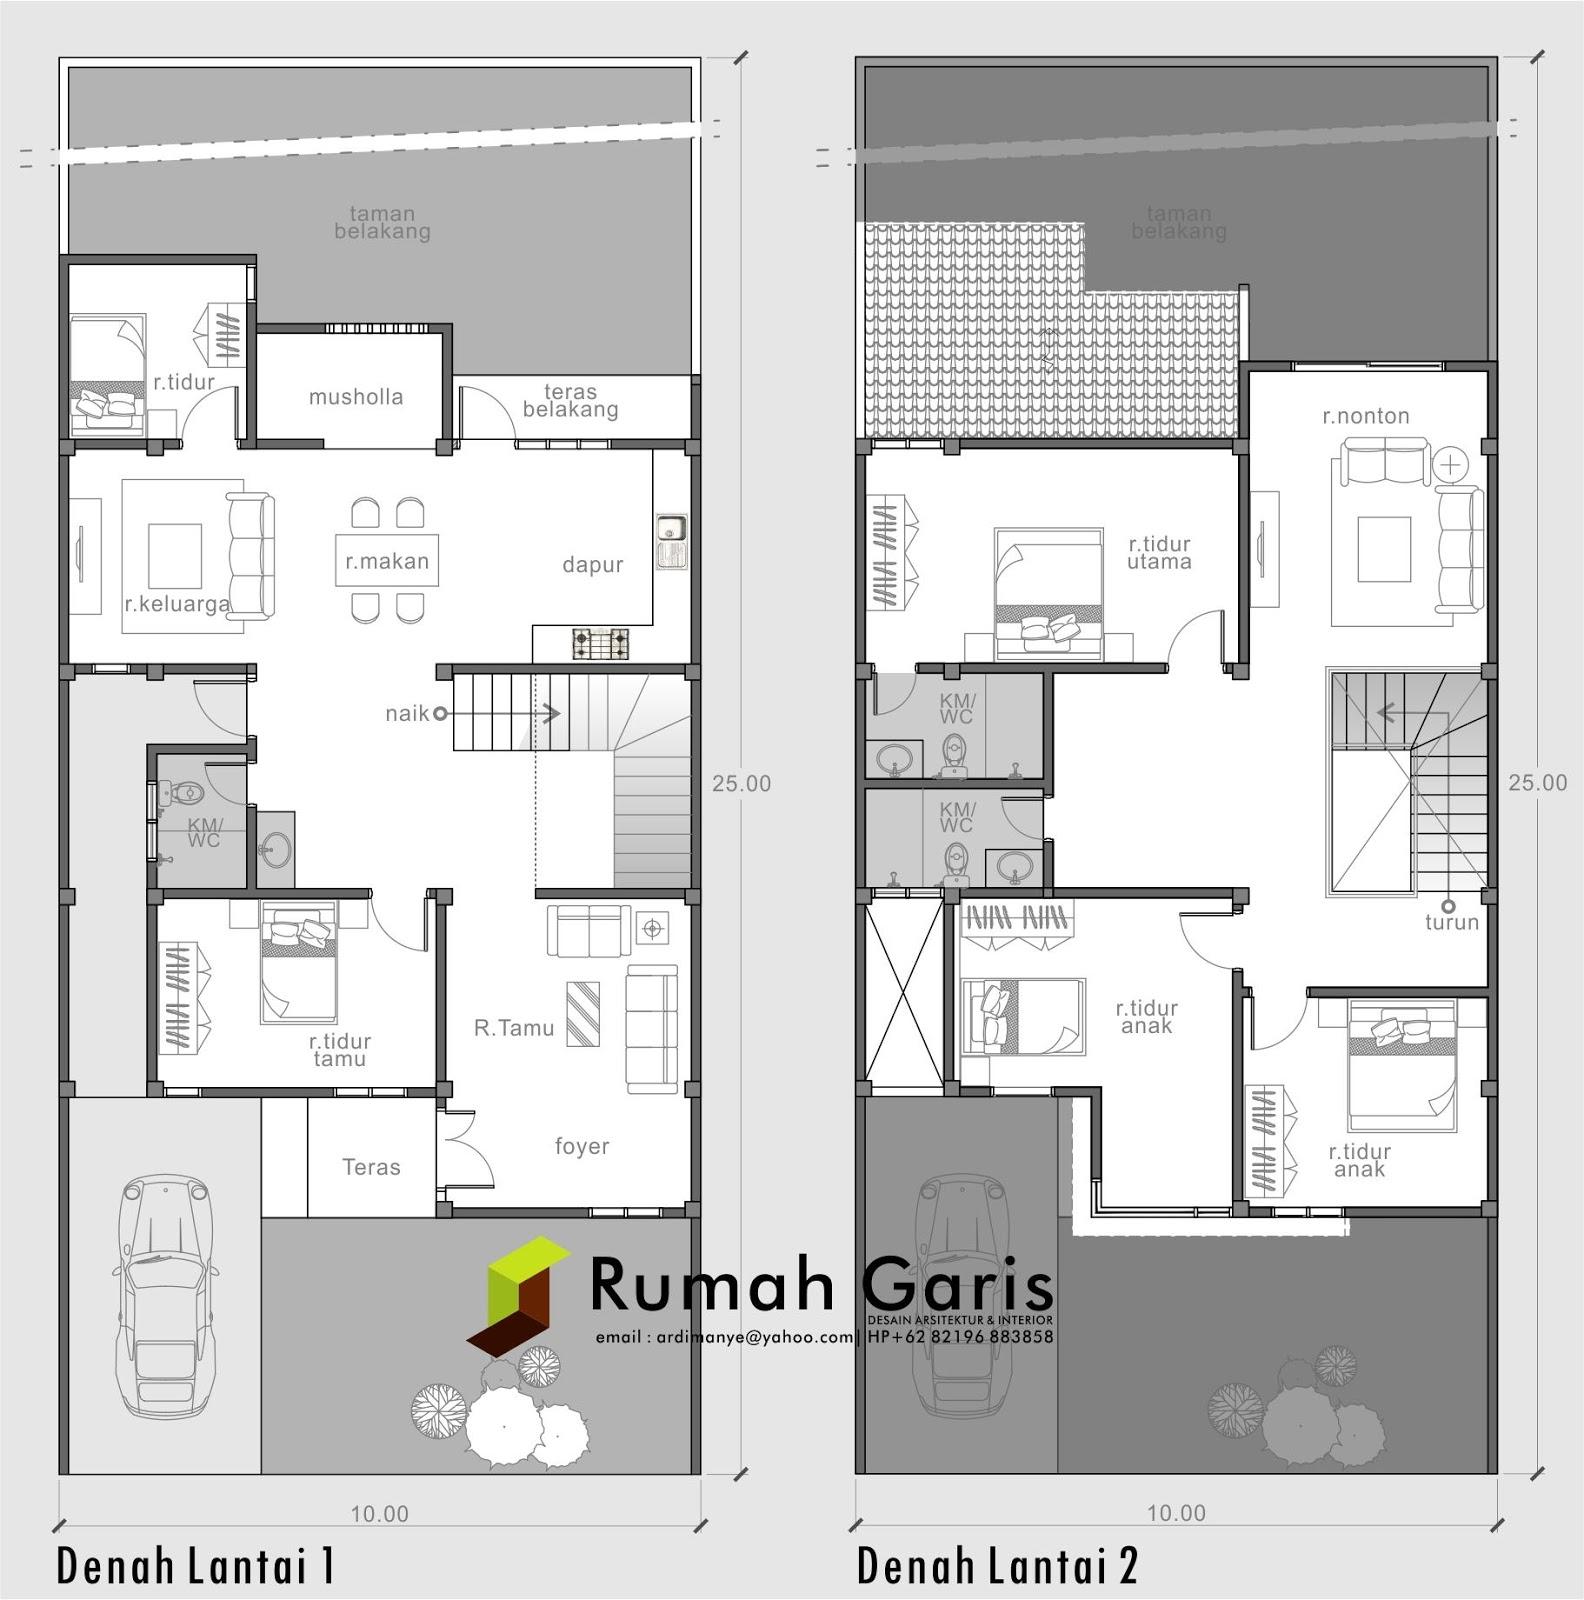 Desain Rumah Tinggal 2 Lantai Di Lahan 10x25 Meter Di